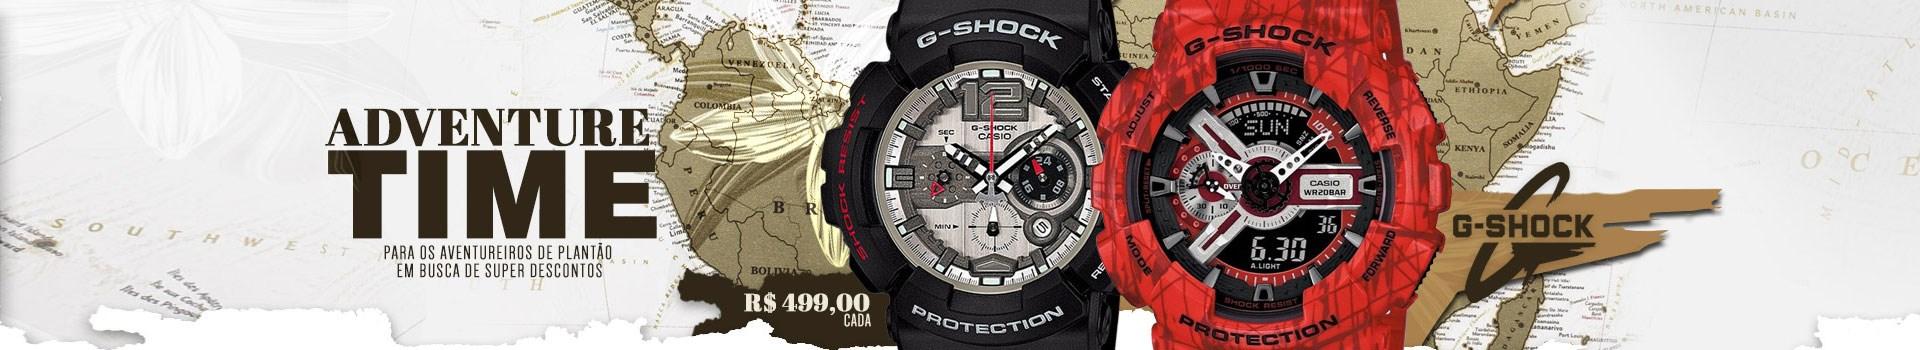 Promoção de G-Shock !!!